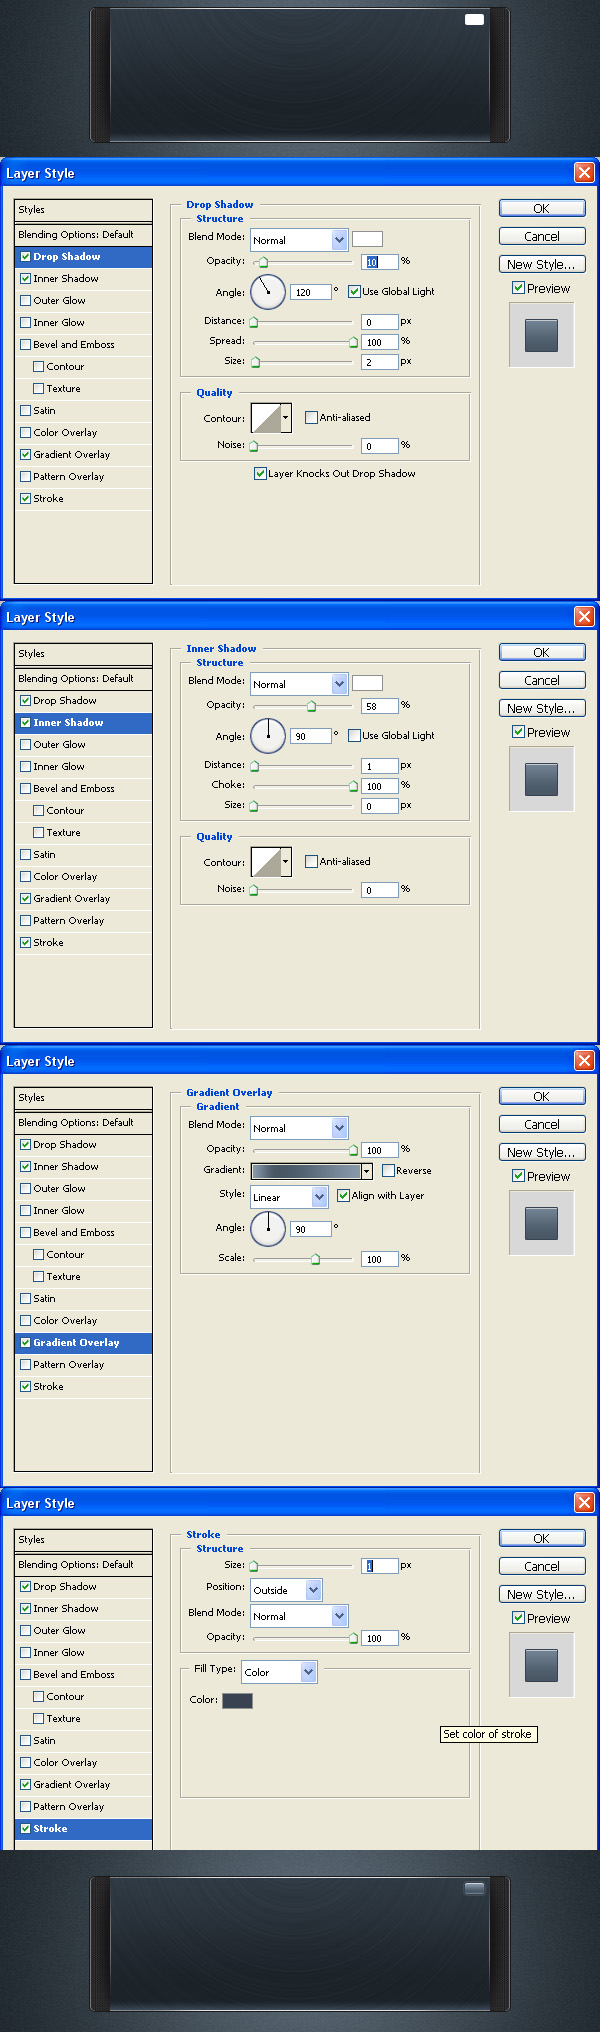 如何在PS中设计一个时髦的播放器界面